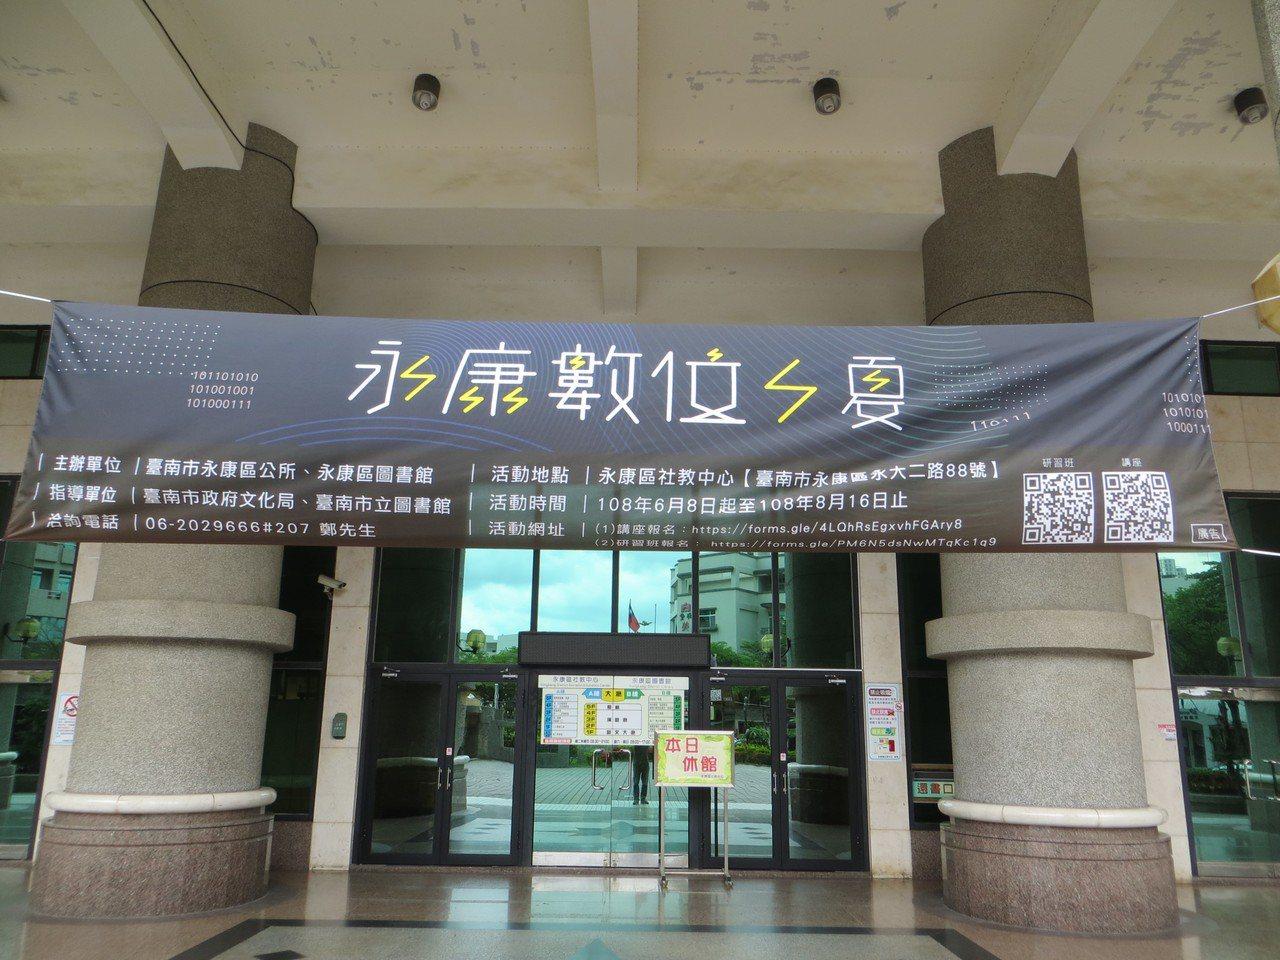 炎夏進圖書館吹冷氣 台南還能免費學有趣有用數位資訊